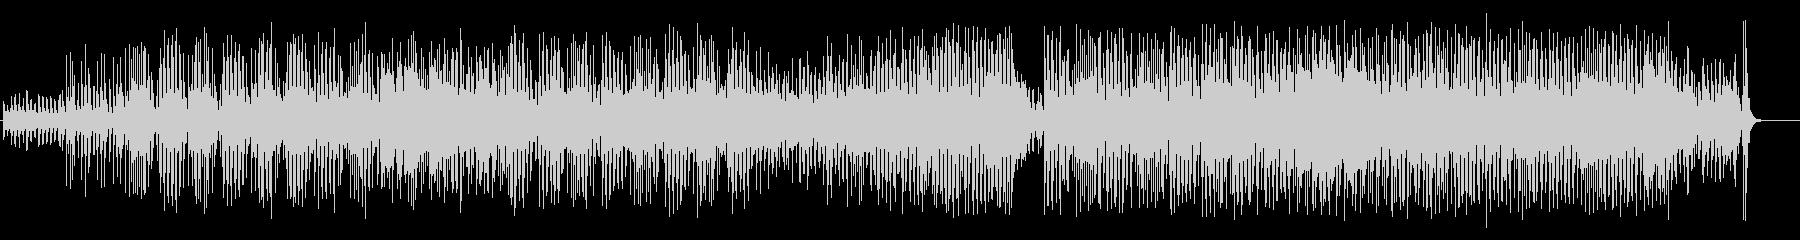 アイヌ民謡+沖縄民謡風BGMの未再生の波形